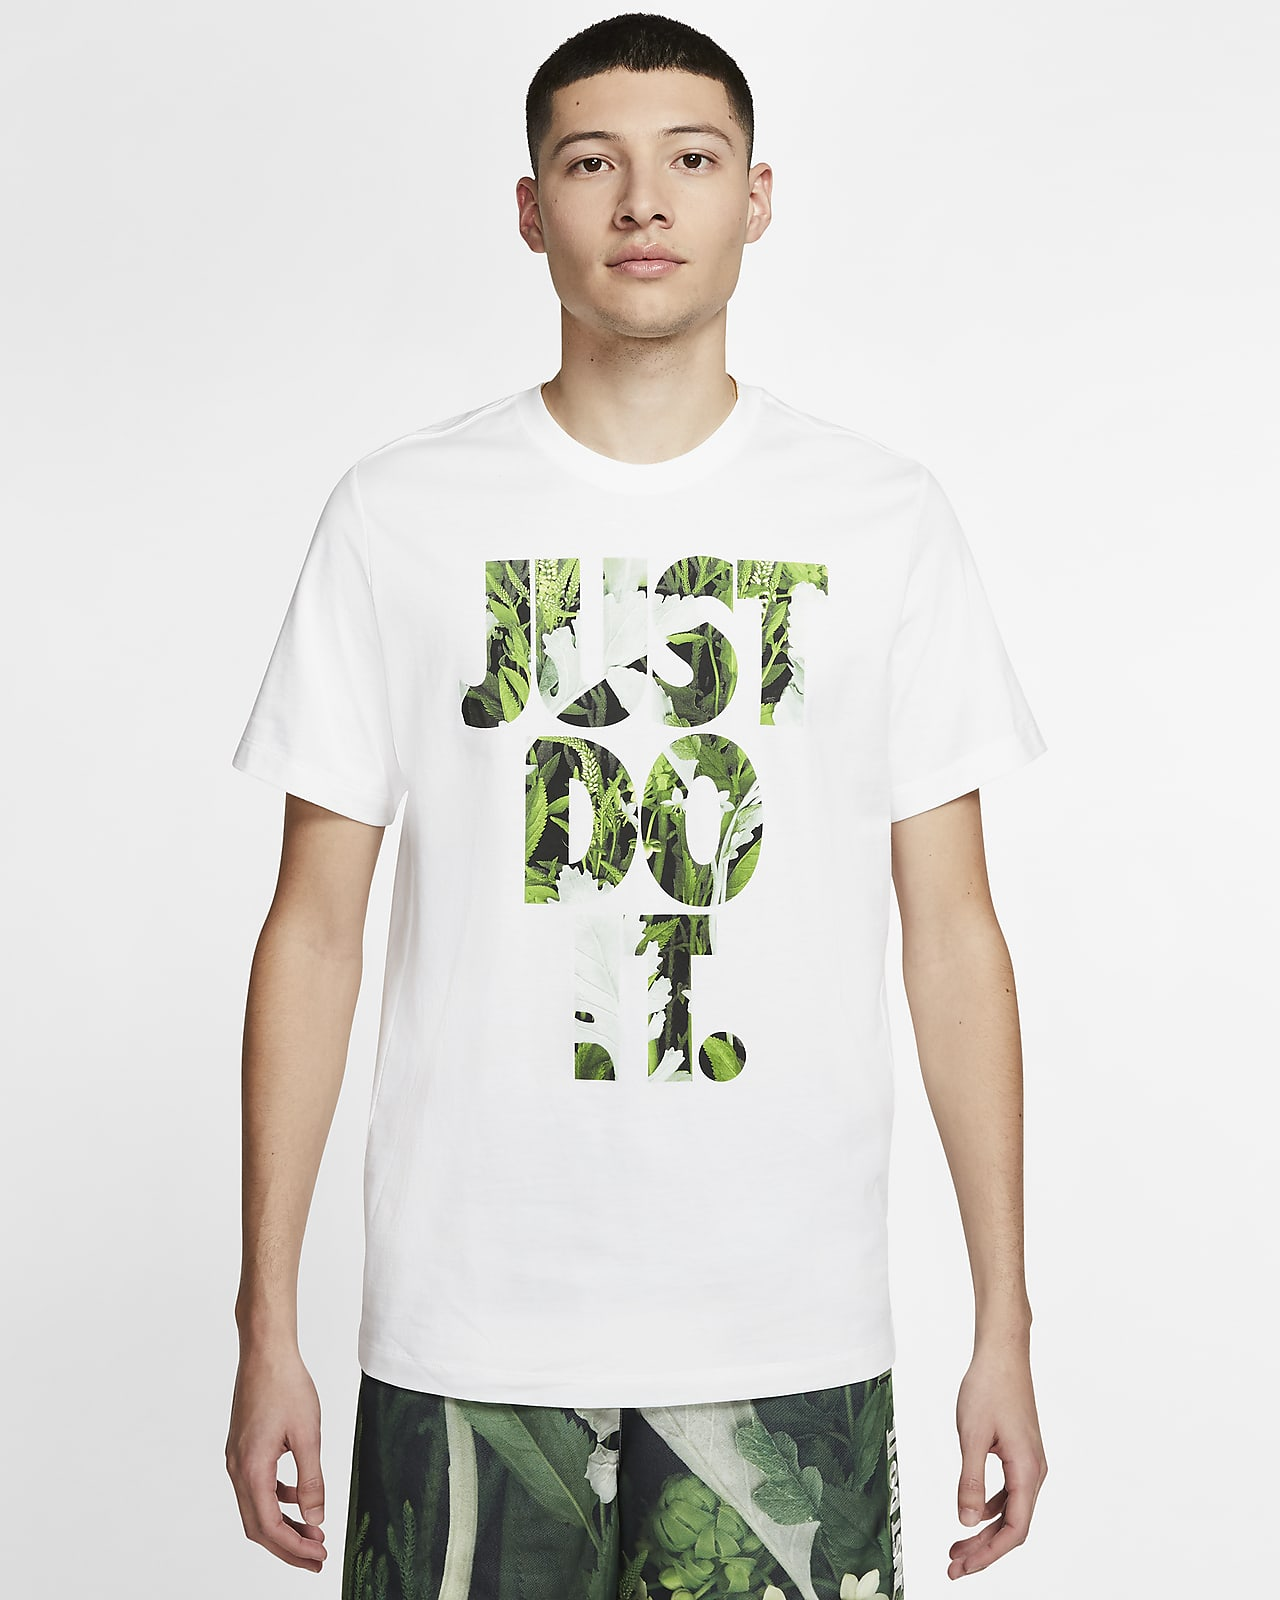 เสื้อยืดผู้ชายลายดอกไม้ Nike Sportswear JDI